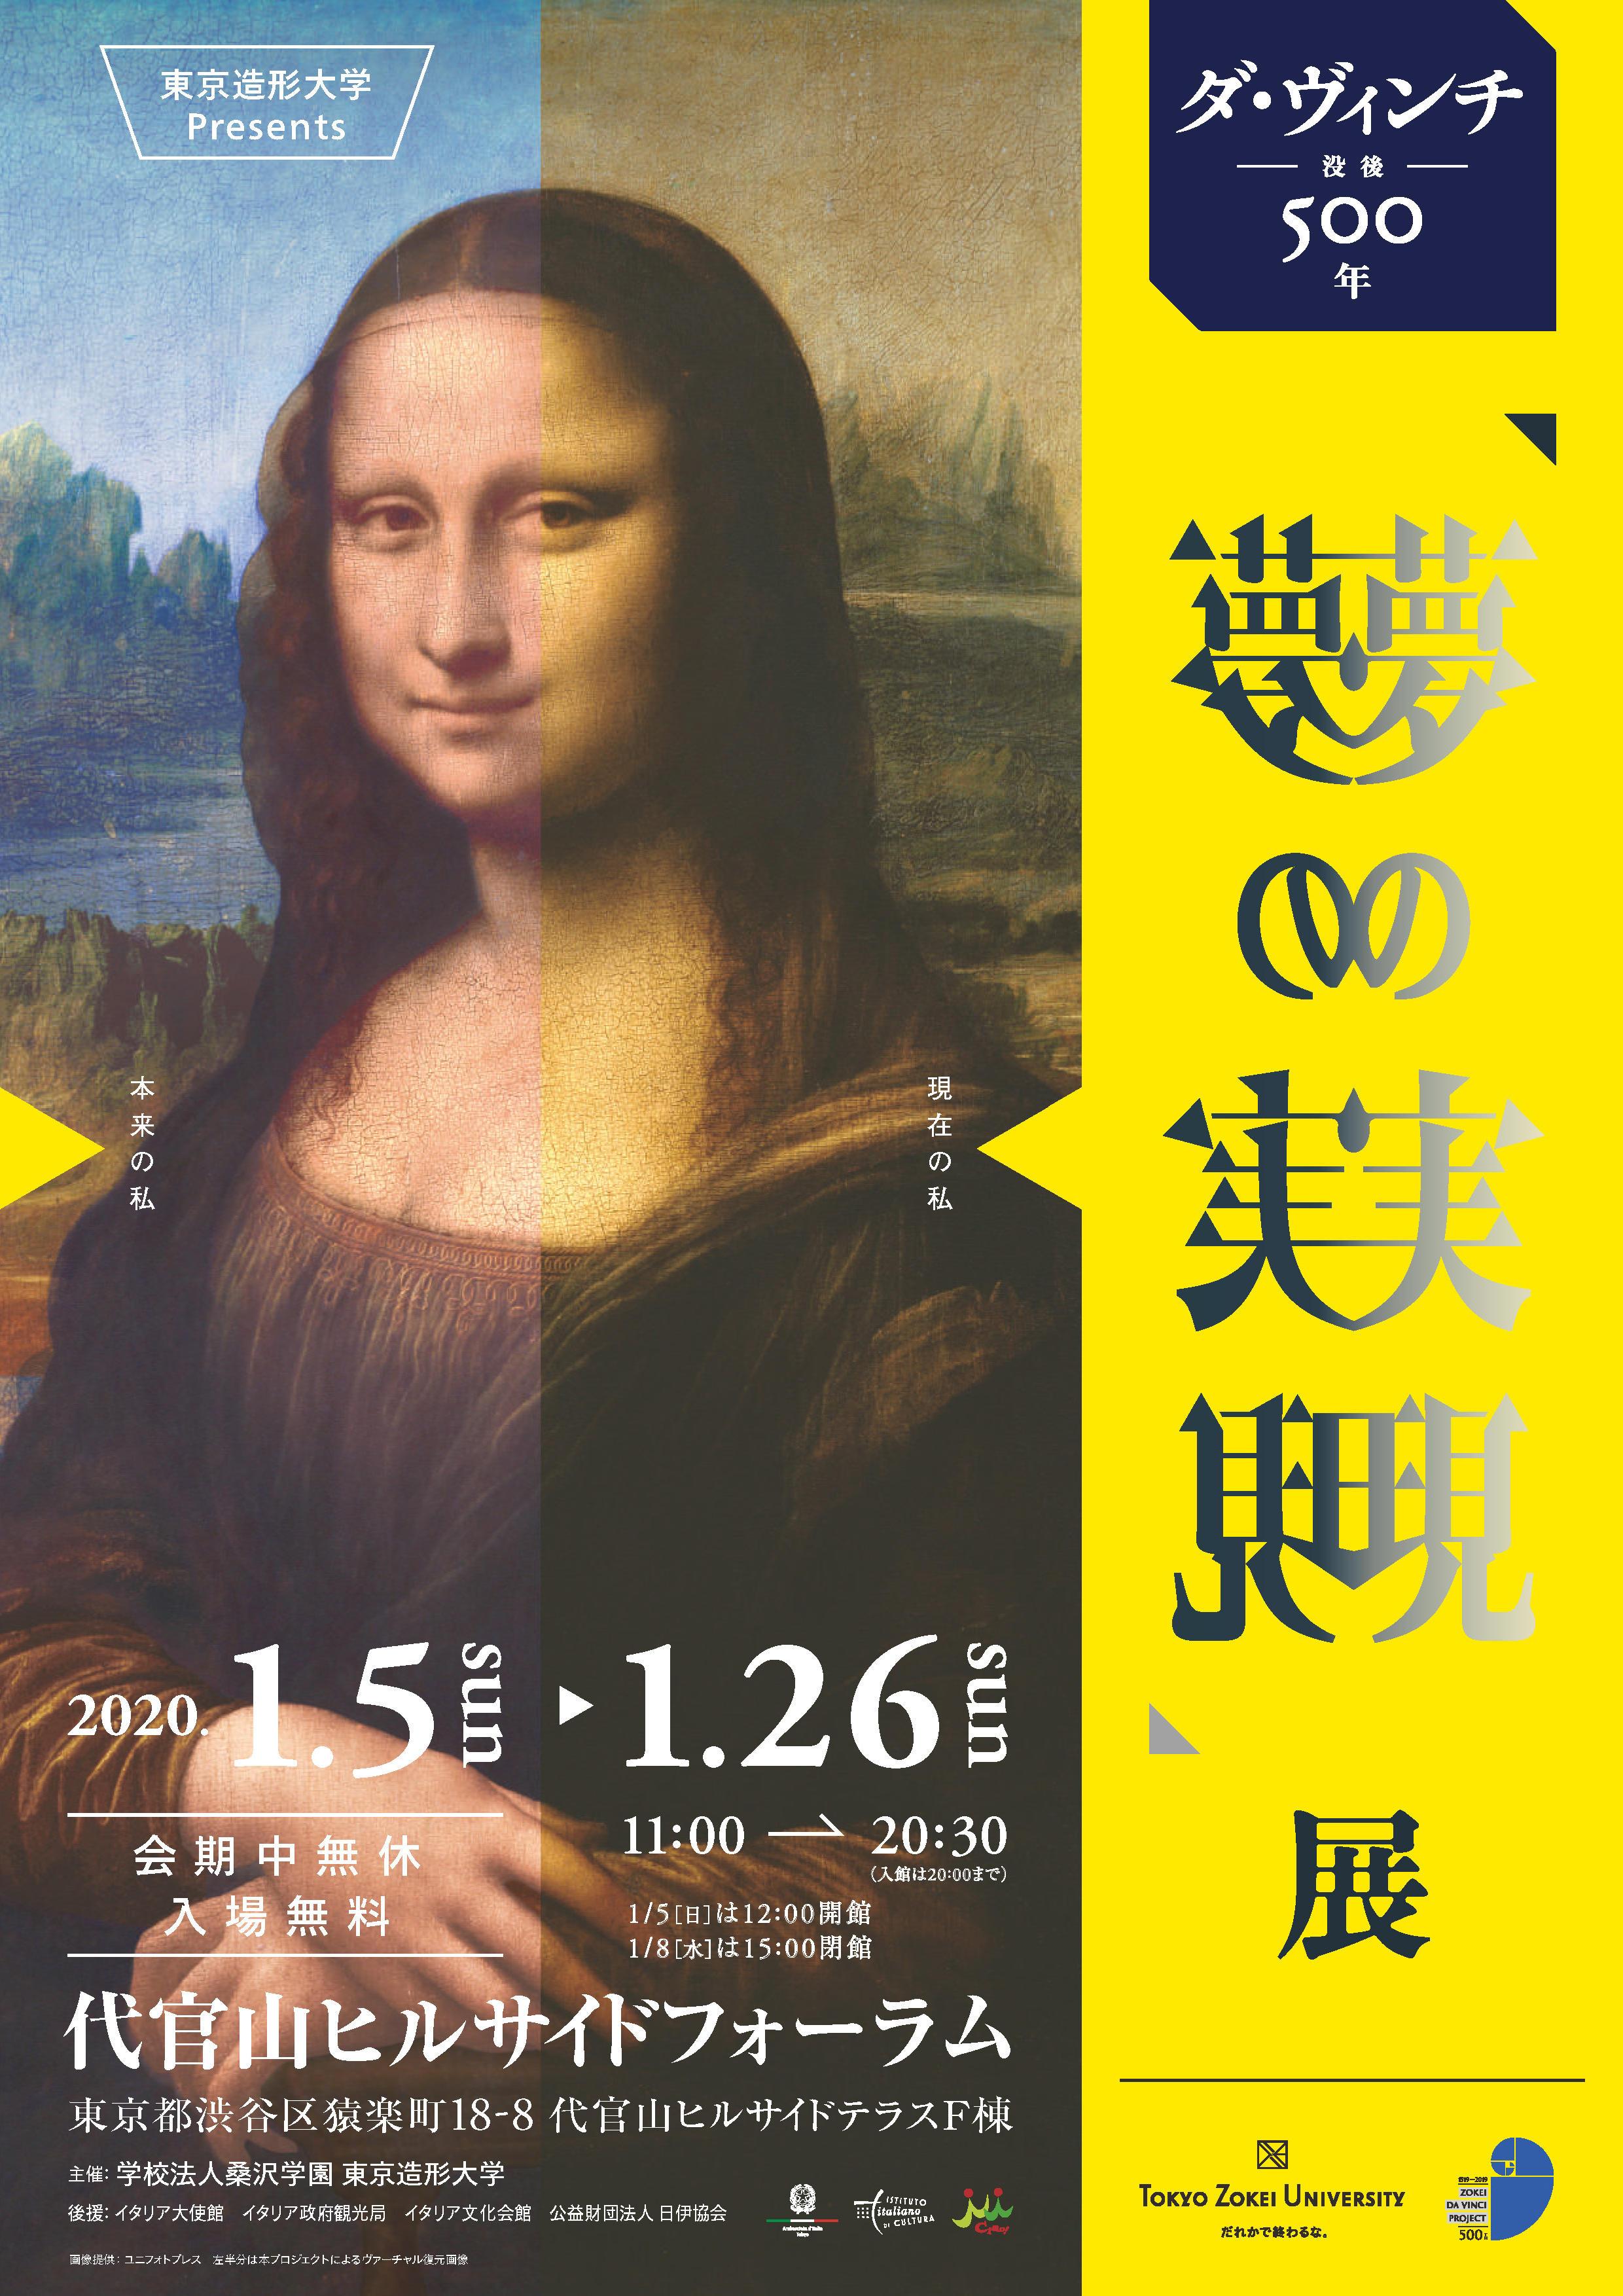 東京造形大学「Zokei Da Vinci Project」 -- 2020年1月5日より代官山ヒルサイドフォーラムにて『夢の実現』展を開催 -- <<世界初>>未完のダ・ヴィンチ作品など約30作品を復元